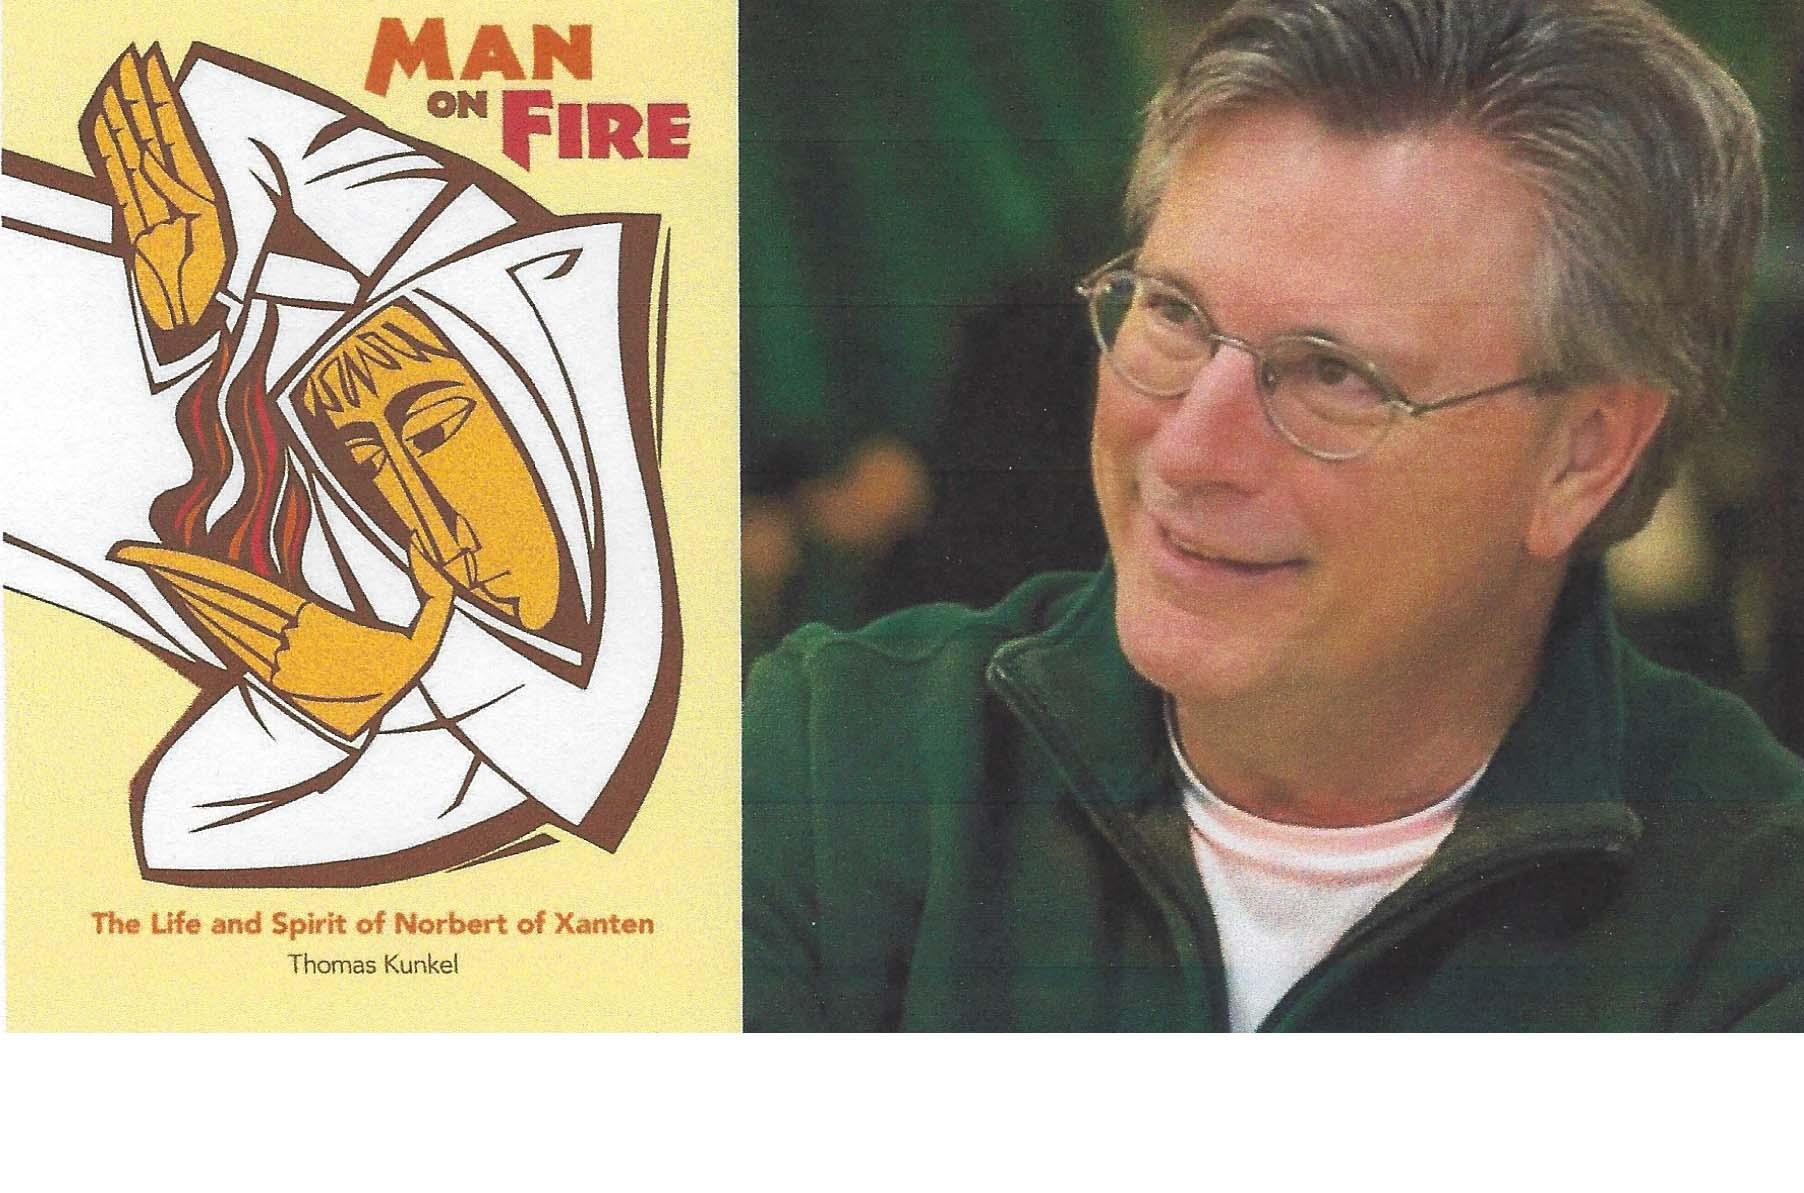 Thomas Kunkel and book cover_1559846320886.jpg.jpg